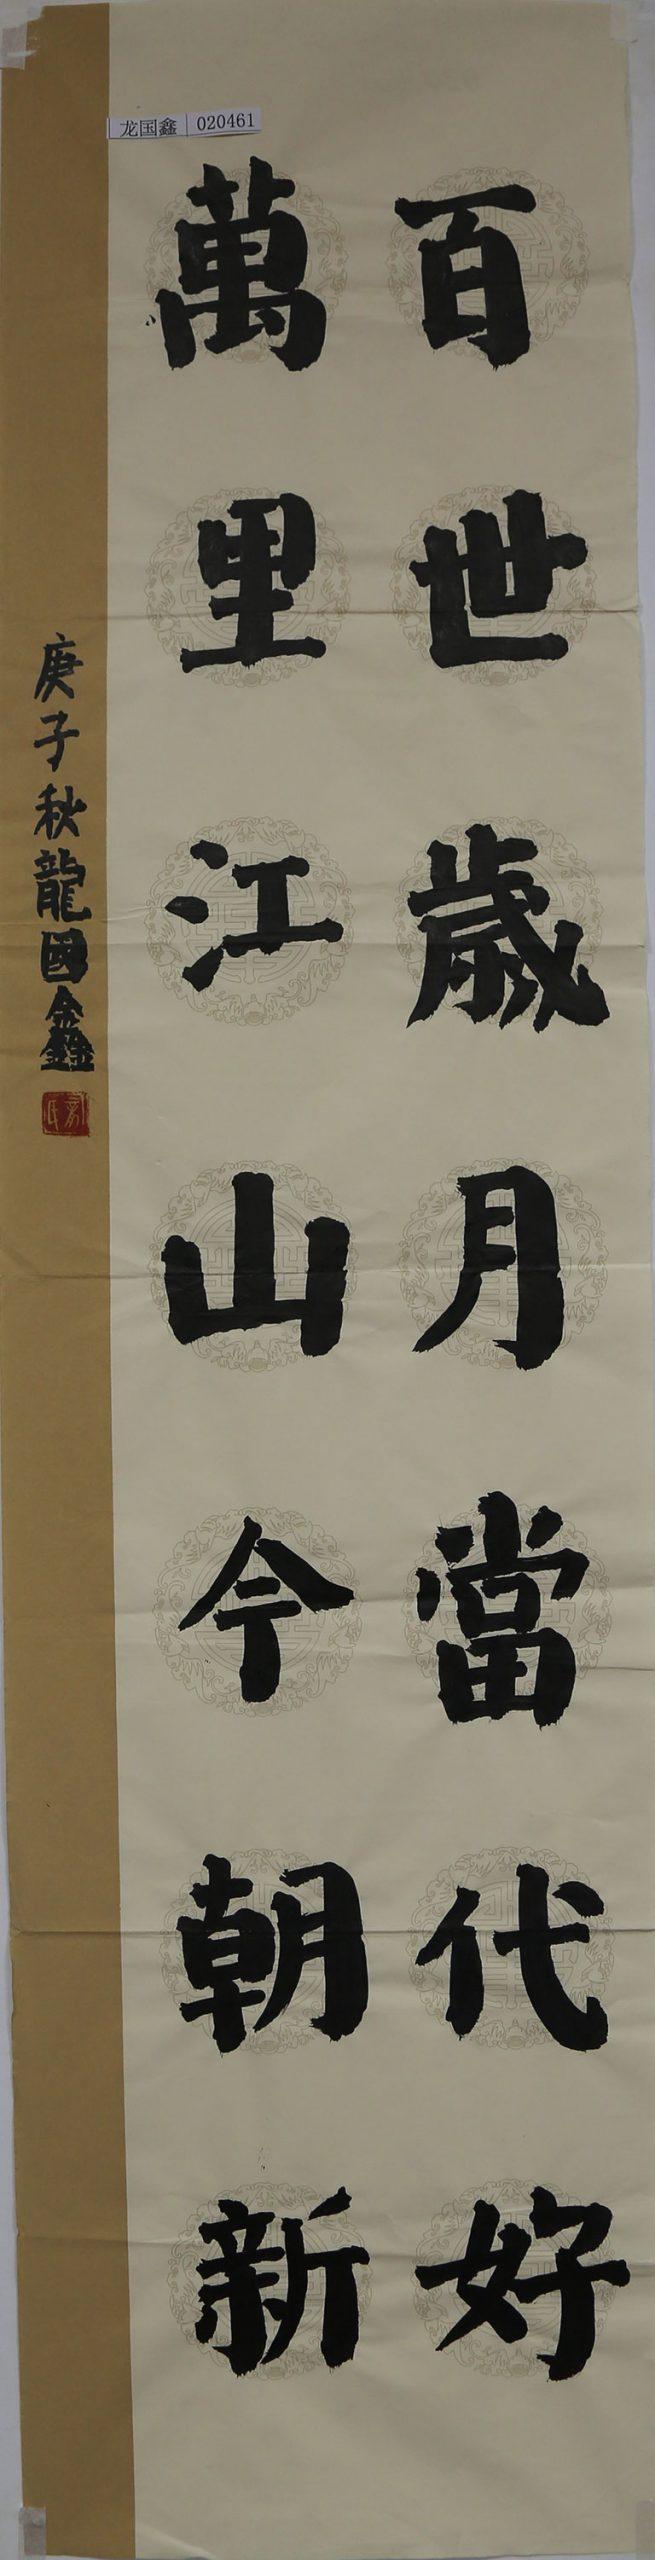 龙国鑫 中学组 软笔三等奖